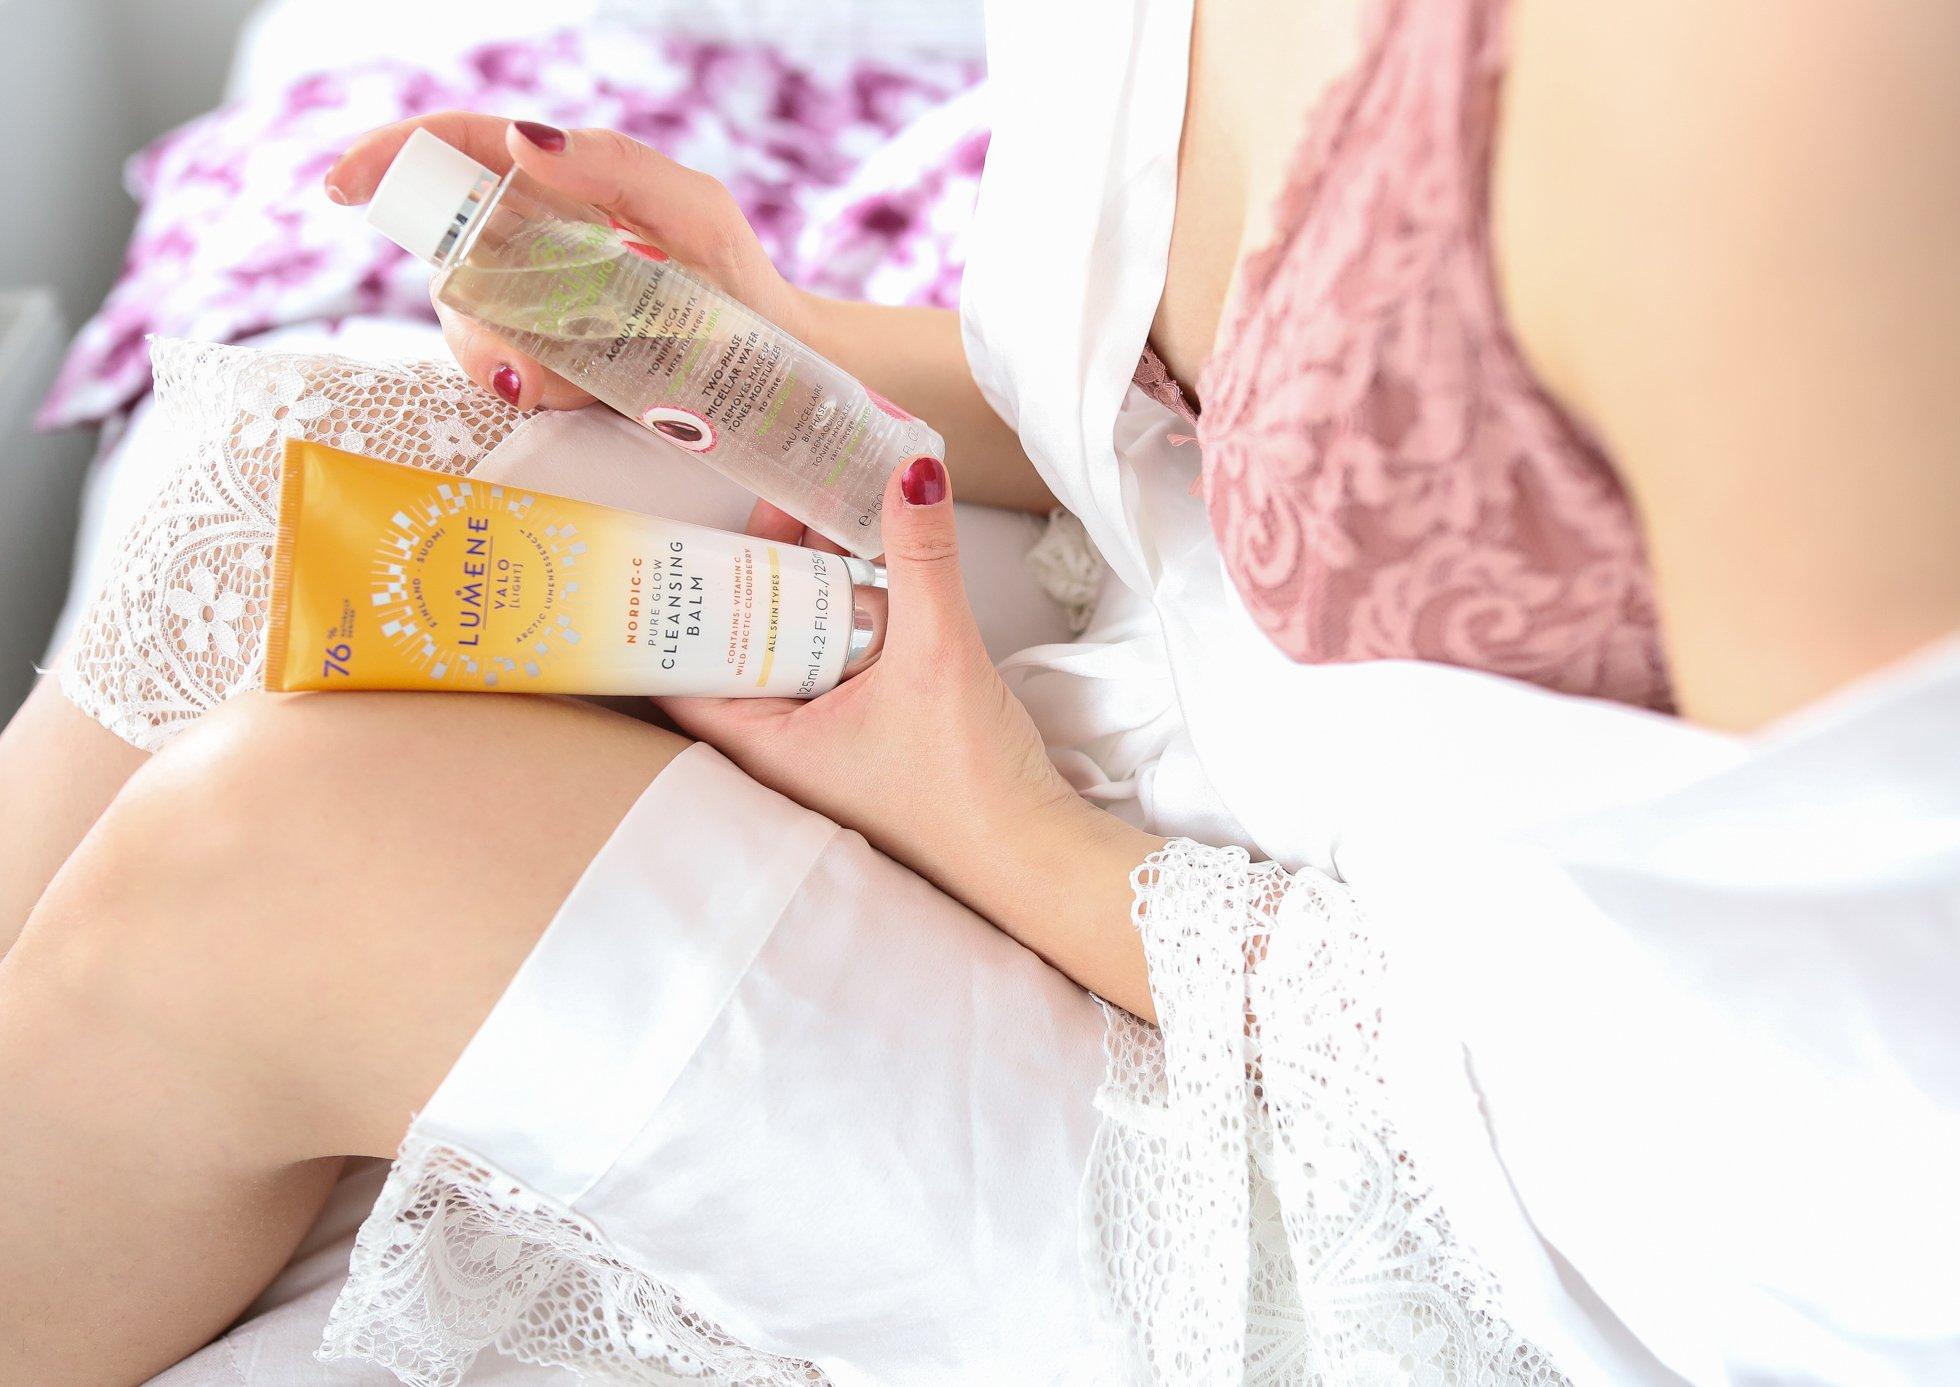 Näin hoidan ihoani + tuotevinkkejä @monavisuri